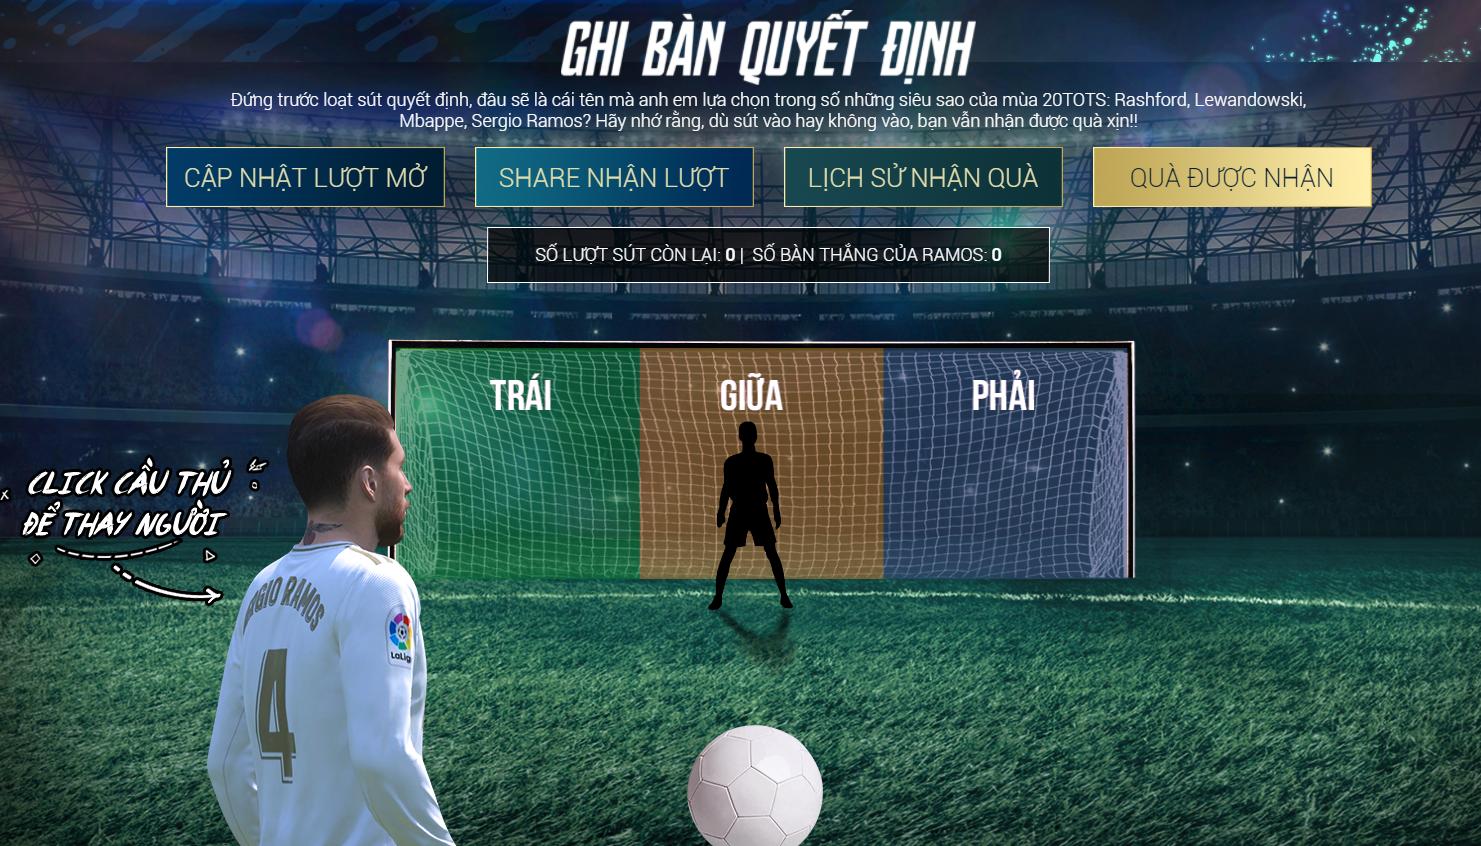 Giao diện Amazing Goal 20TOTS cũ - Thủ môn làm nản lòng các HLV của FIFA Online 4